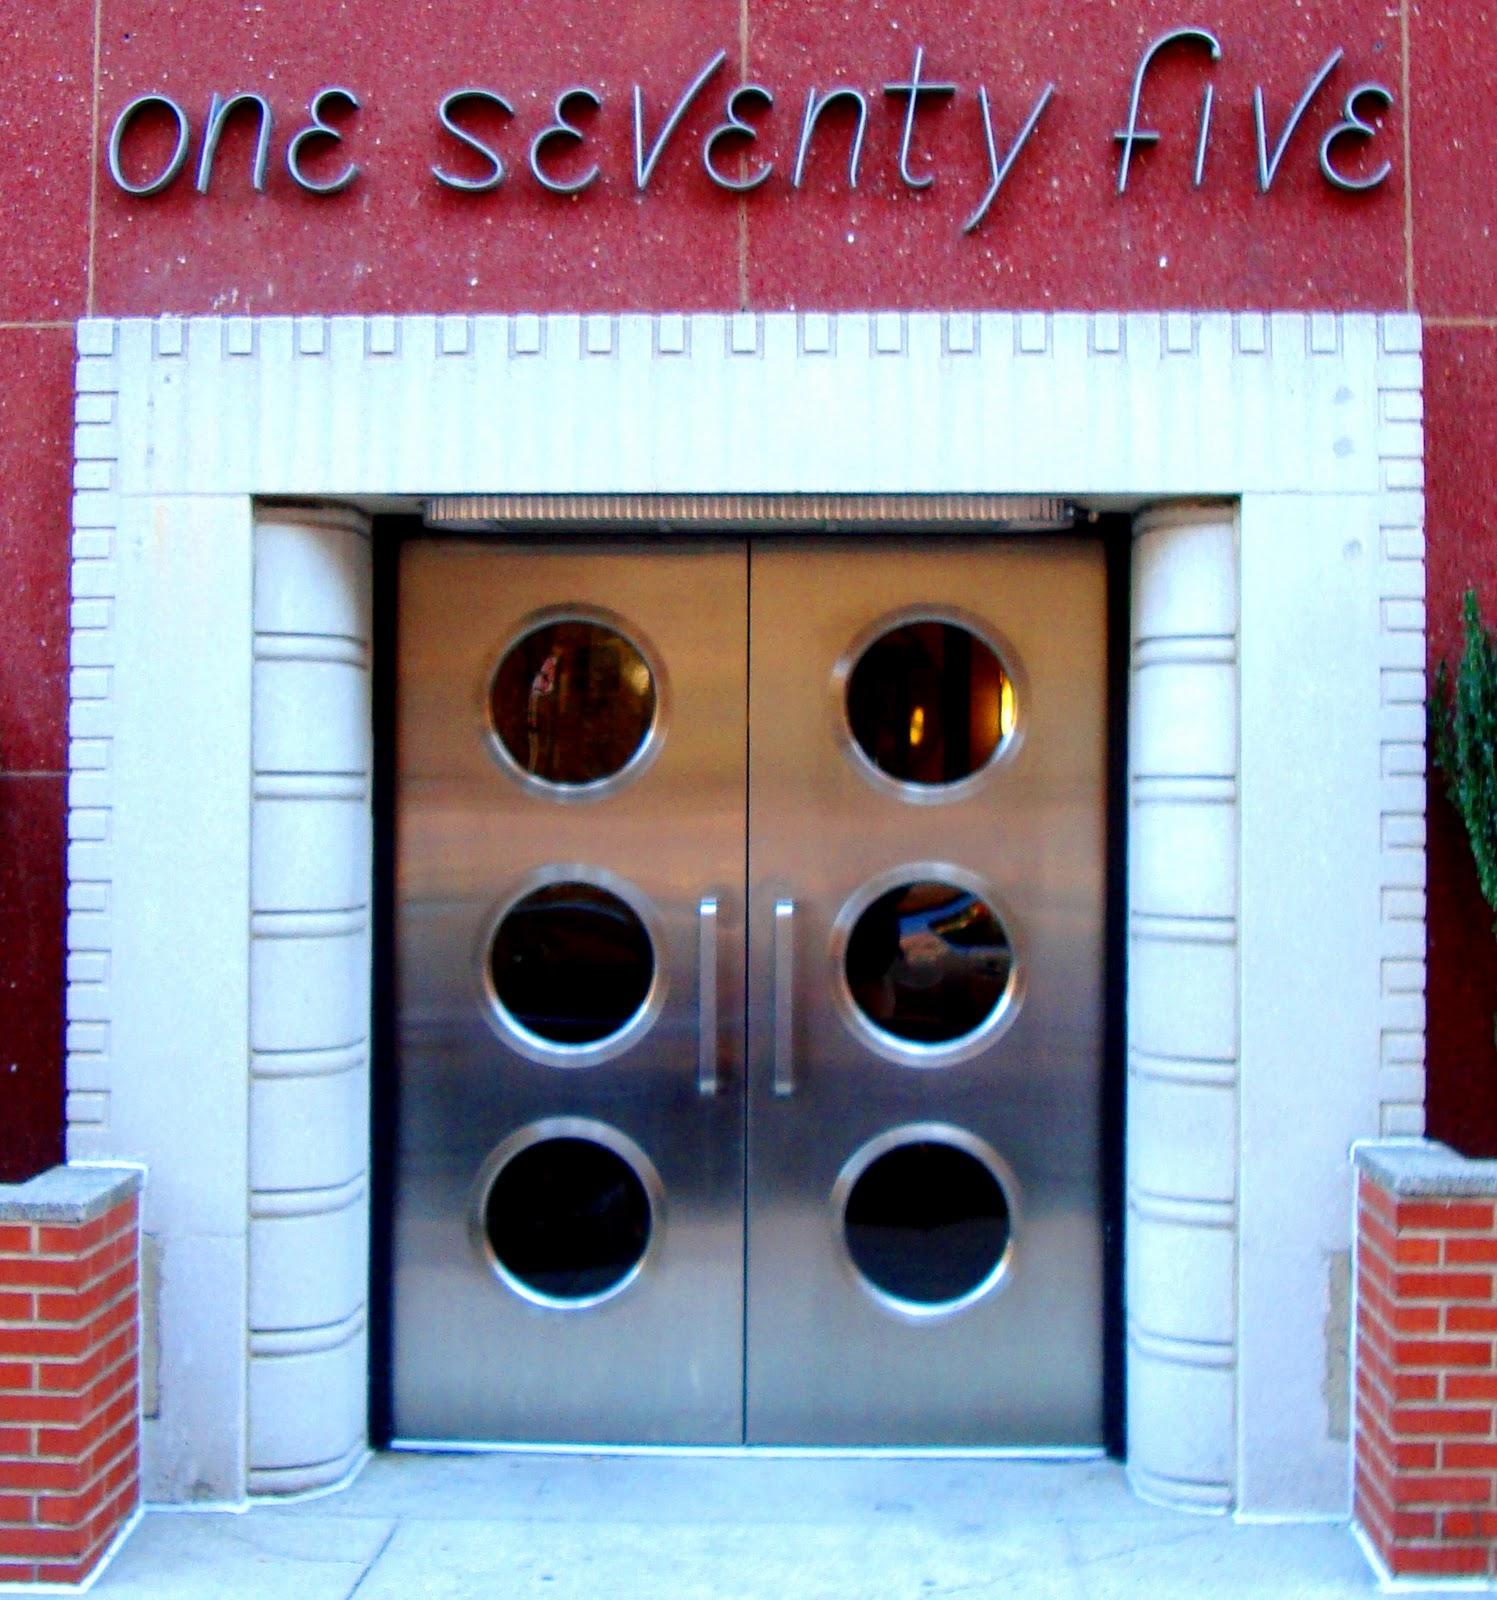 David Cobb Craig & David Cobb Craig: Art Deco Doors in N.Y.C.